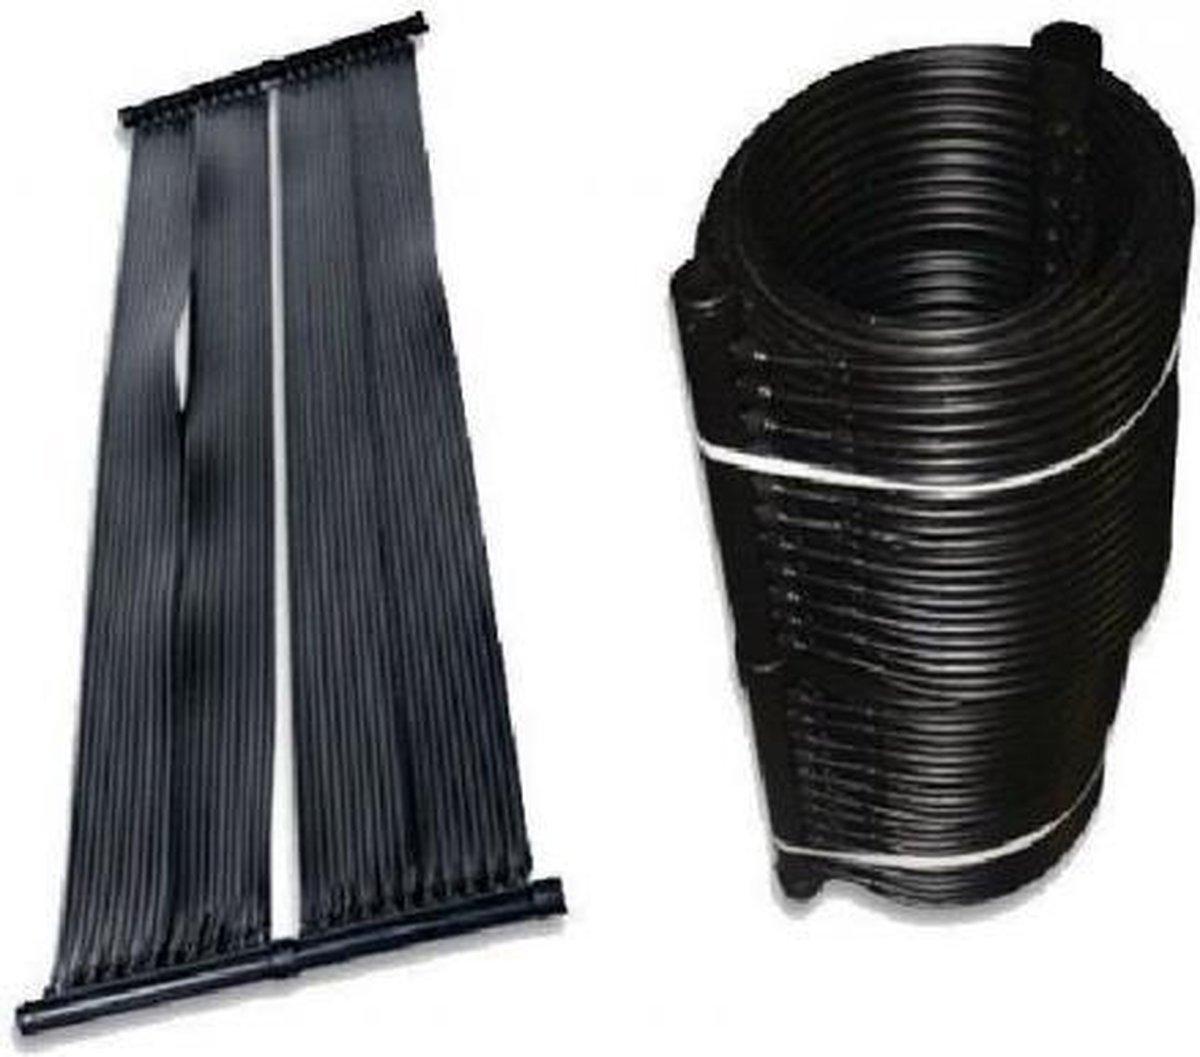 Solarpaneel 3 meter - zonne-energie zwembad verwarmingssysteem